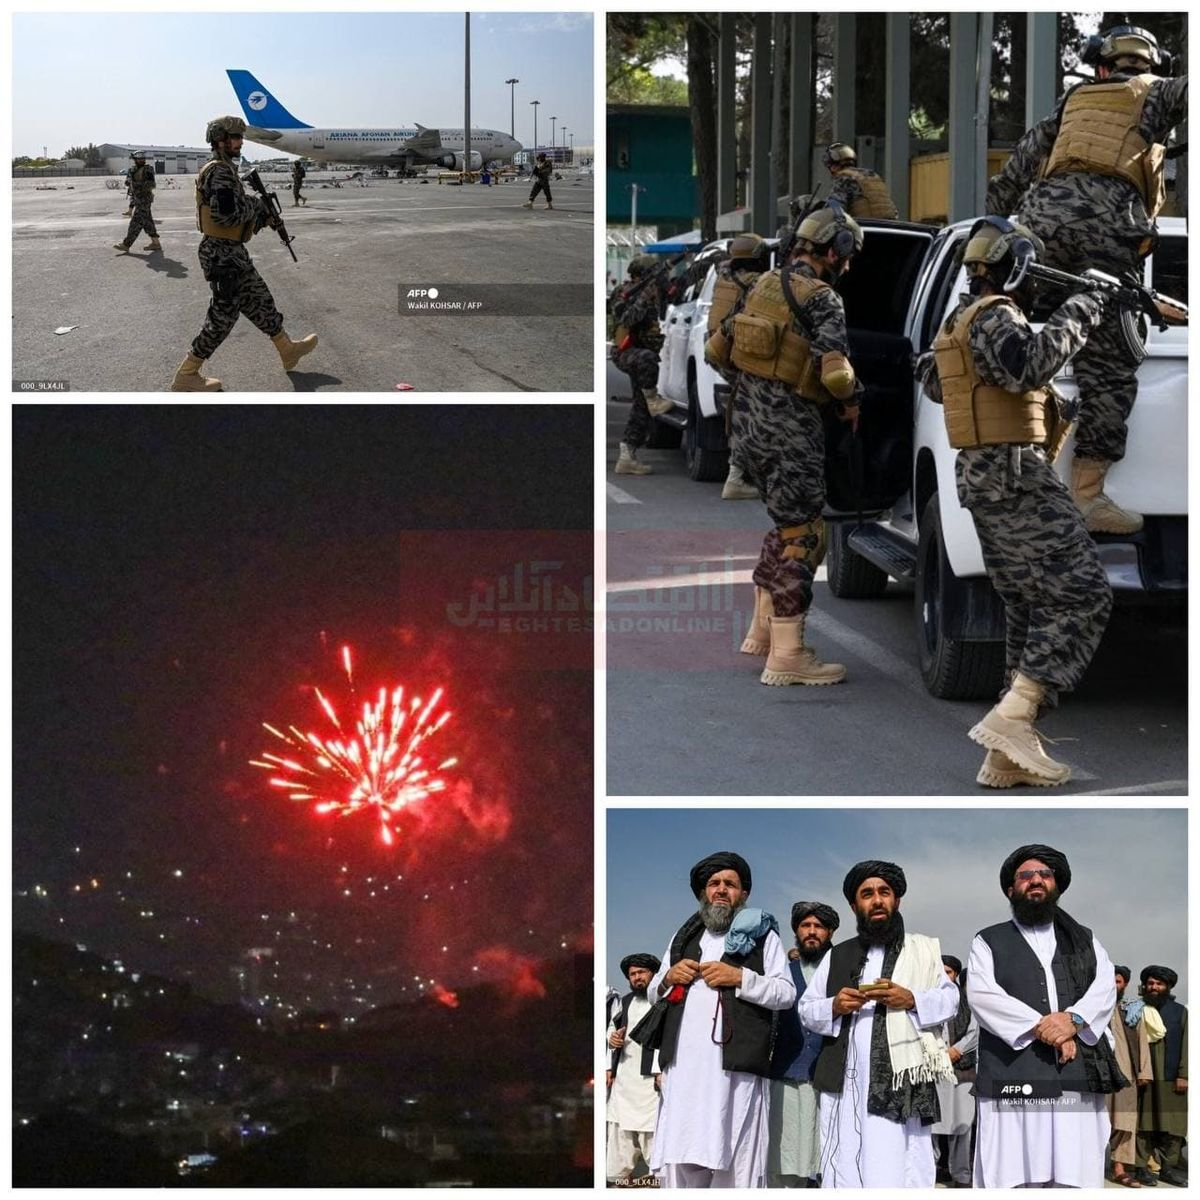 رژه طالبان در فرودگاه کابل پس از خروج آمریکا +عکس